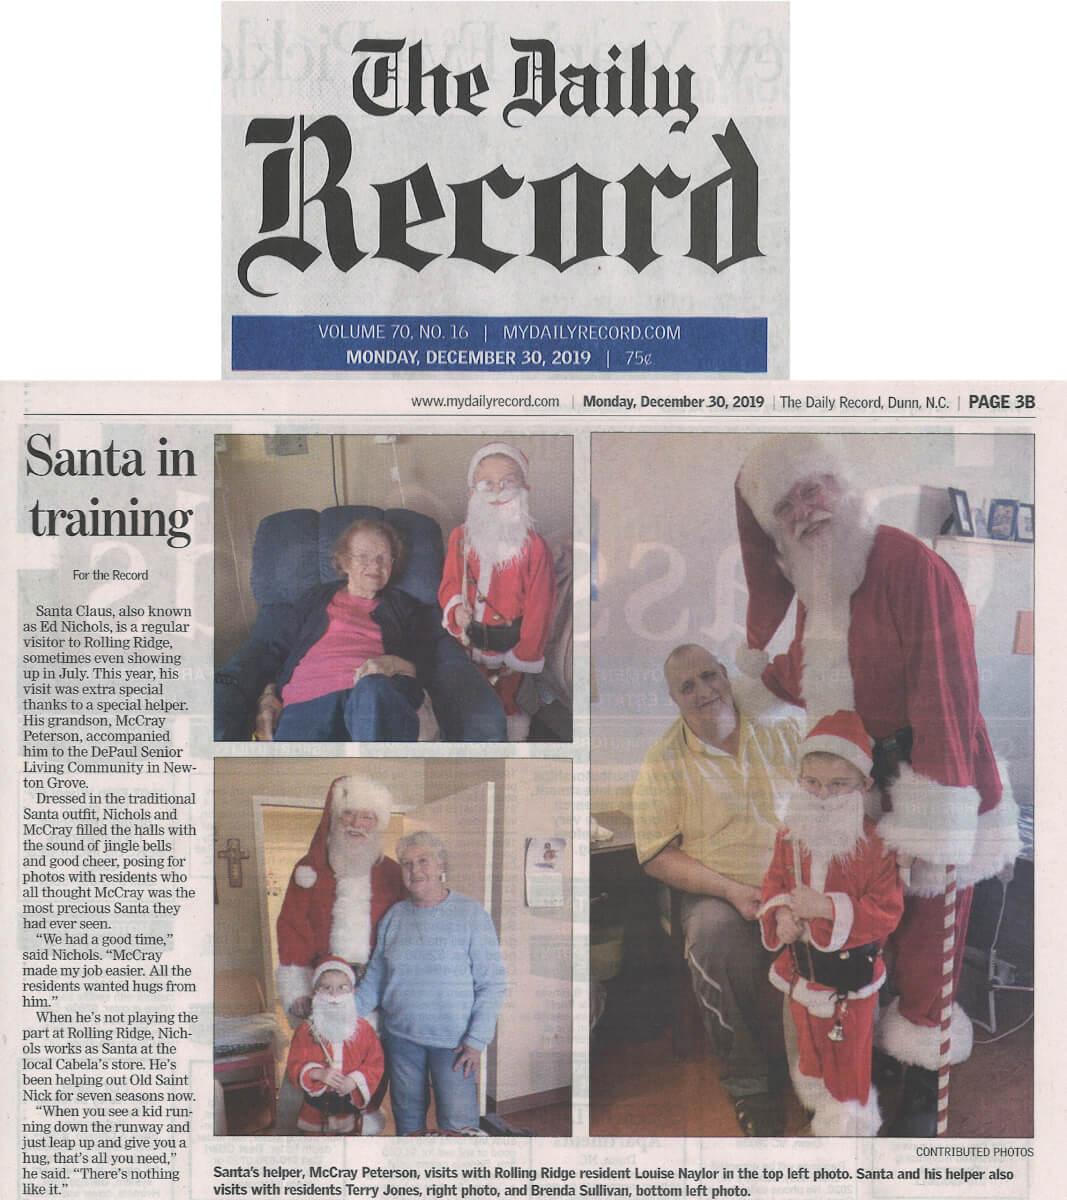 Rolling Ridge Santa In Training, 12.30.19 Daily Recorda In Training, 12.30.19 Daily Record